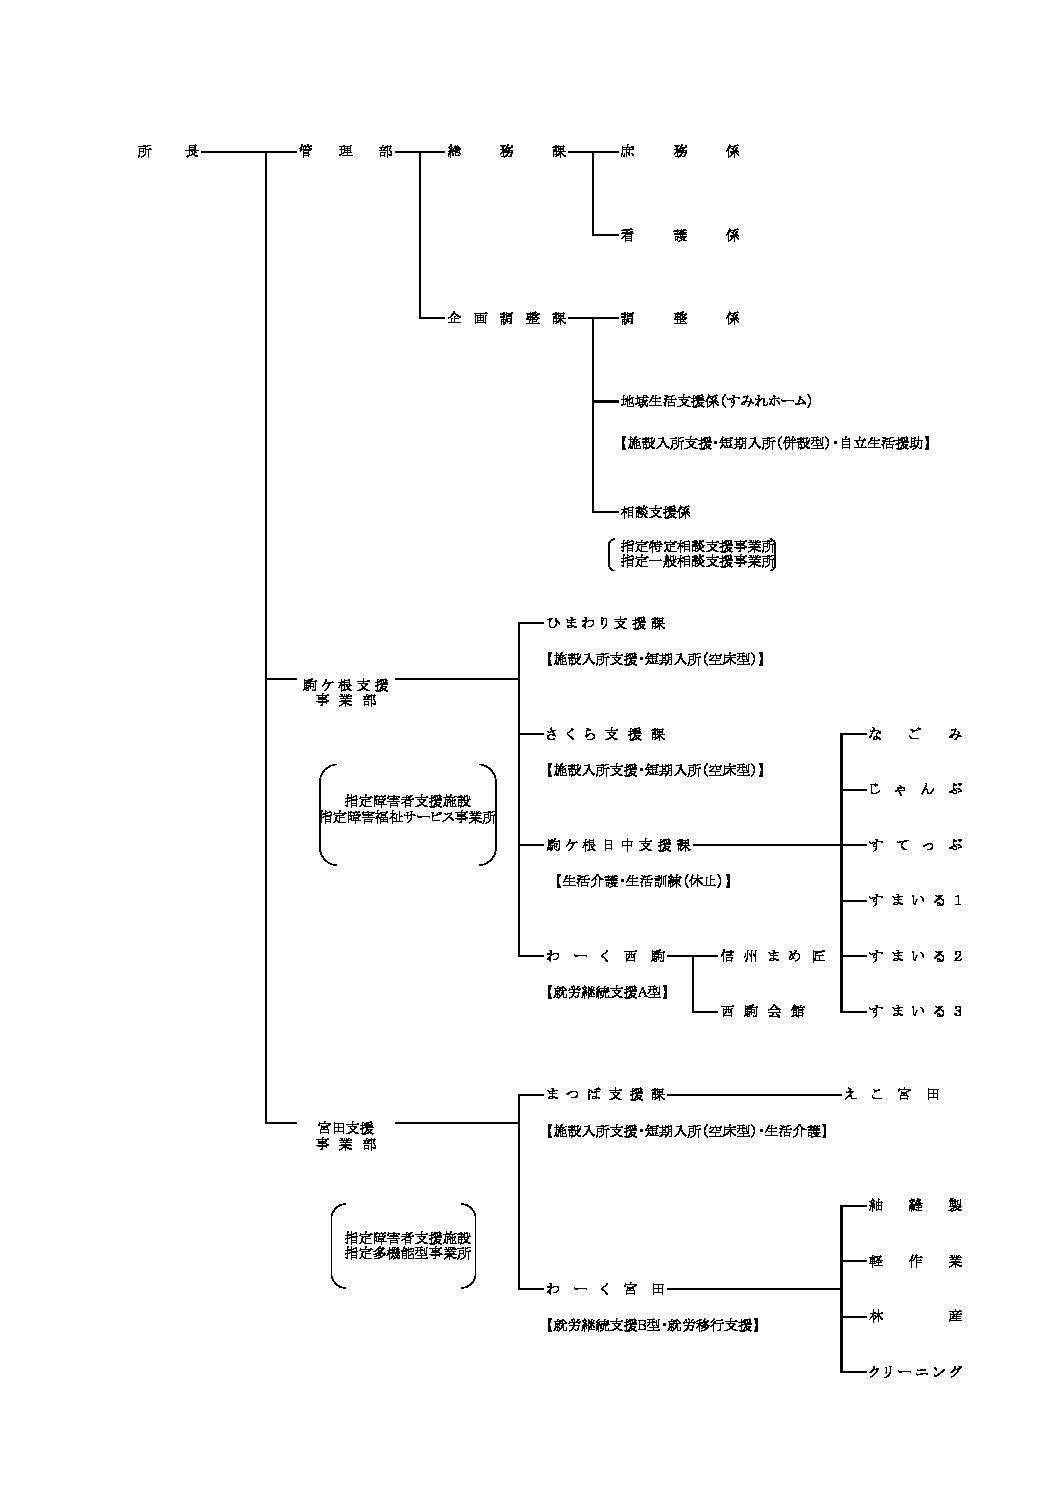 R3組織図のサムネイル